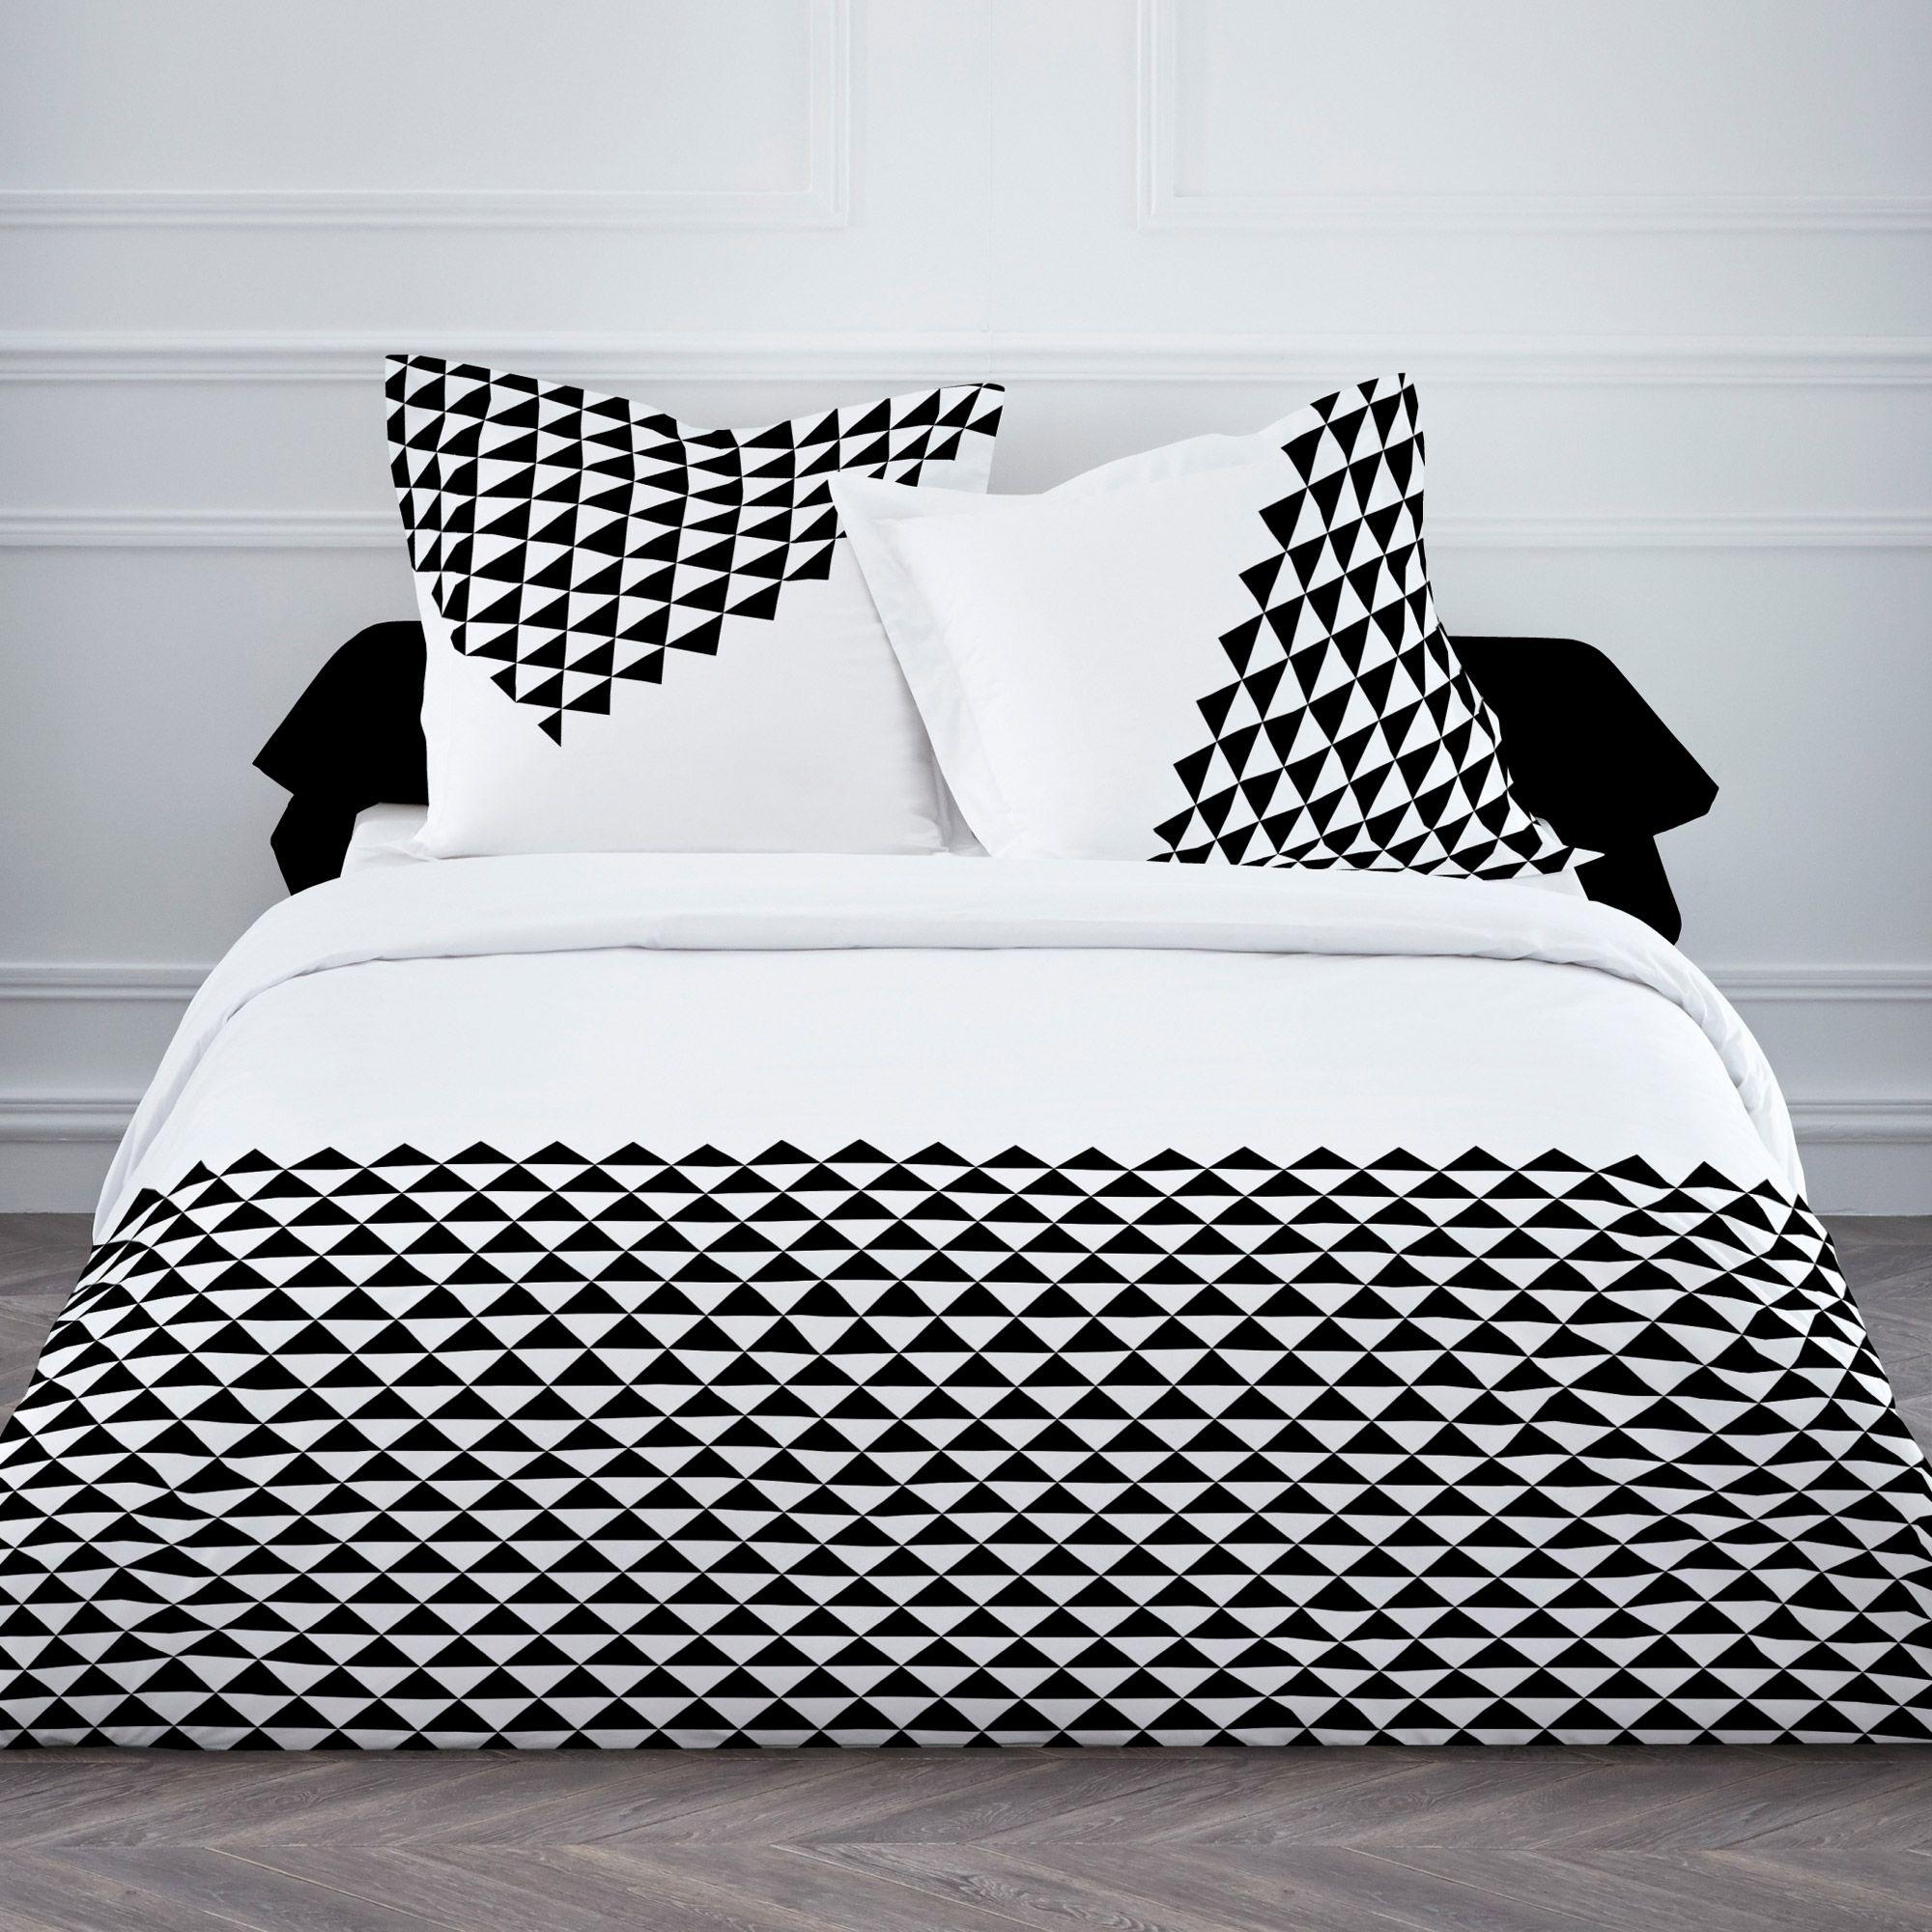 parure housse de couette 240x220cm taie coton triangle scandinave noir grafism 35 chambre. Black Bedroom Furniture Sets. Home Design Ideas